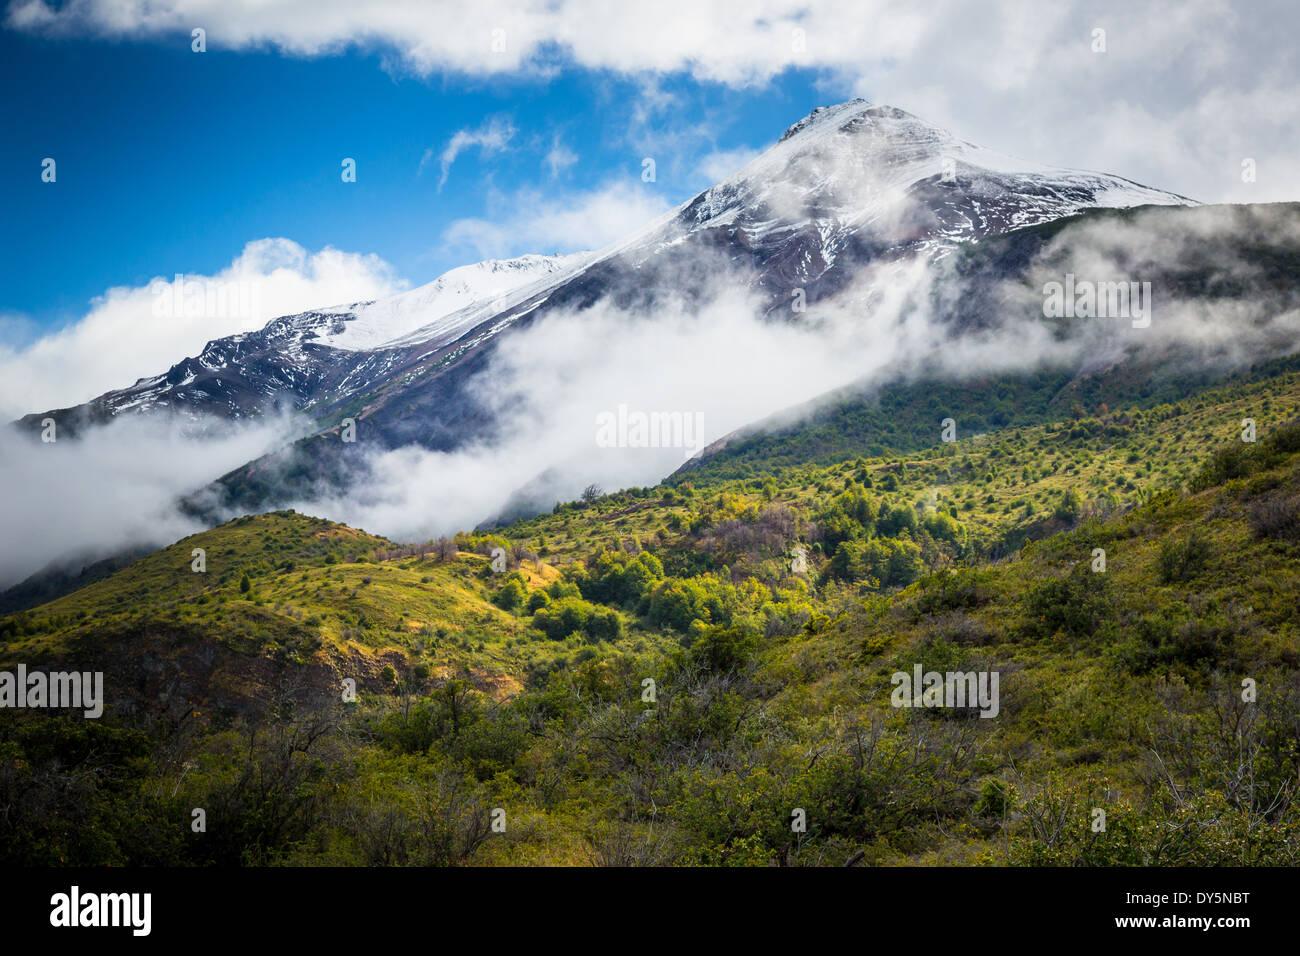 Berggipfel in der Nähe von Los Glaciares Nationalpark in Patagonien, Argentinien Stockbild